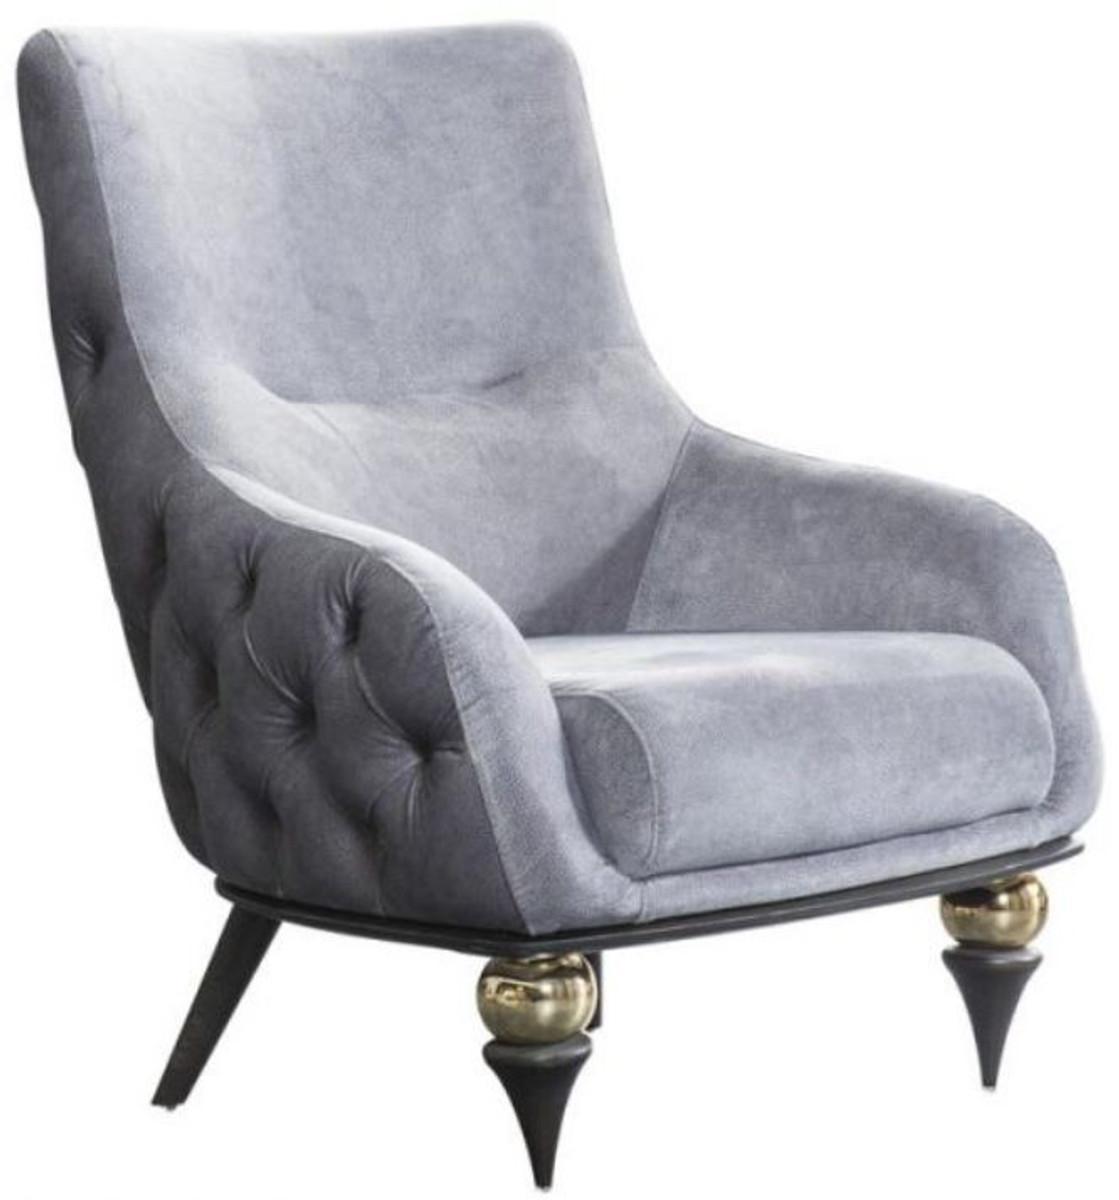 casa padrino fauteuil art deco chesterfield de luxe gris clair noir laiton 80 x 95 x h 100 cm meubles de salon